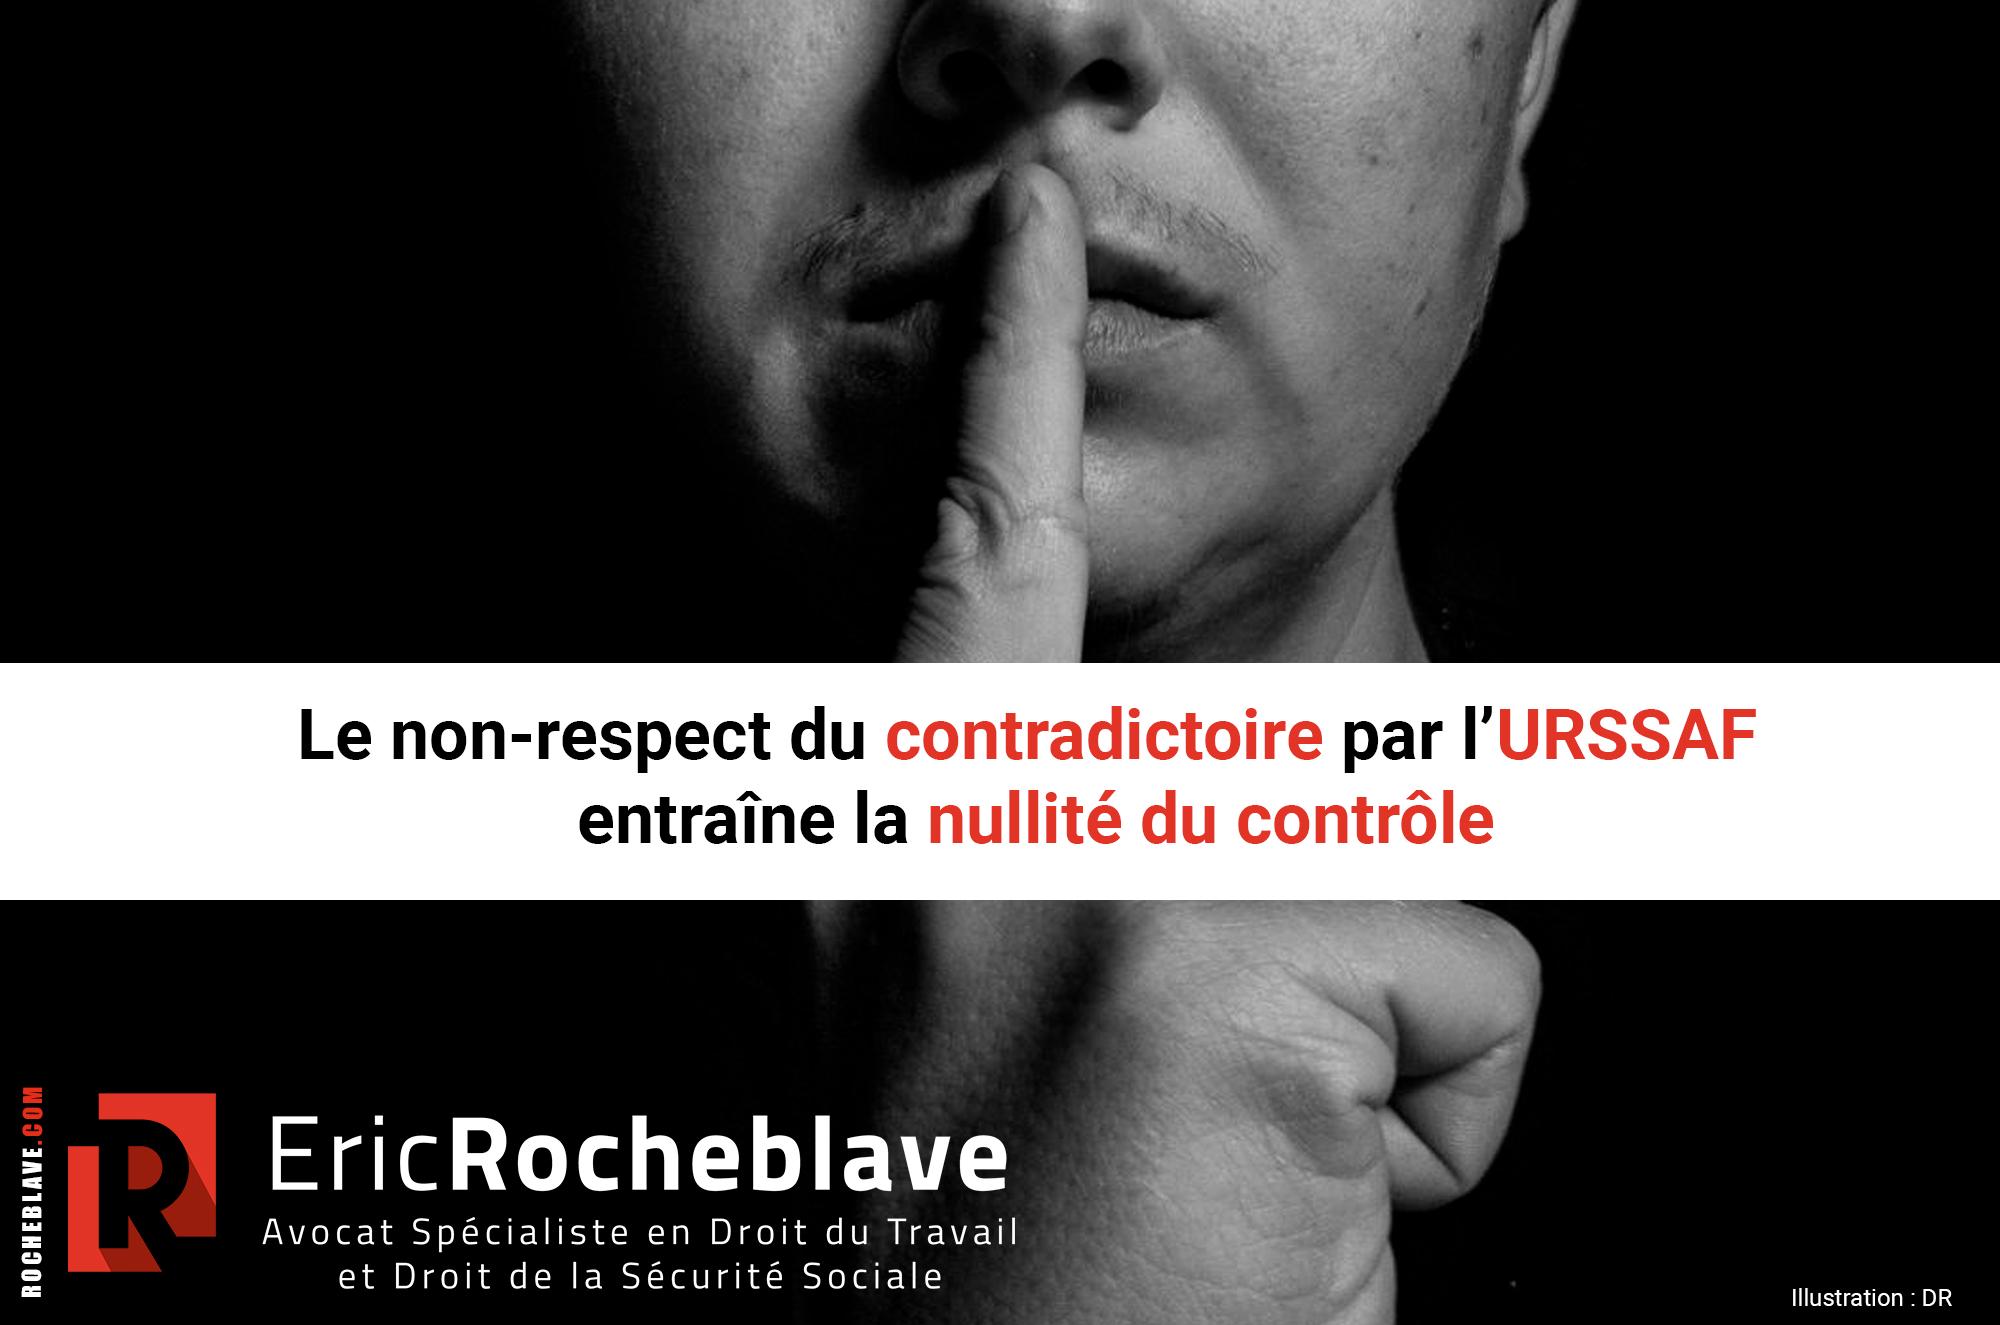 Le non-respect du contradictoire par l'URSSAF entraîne la nullité du contrôle